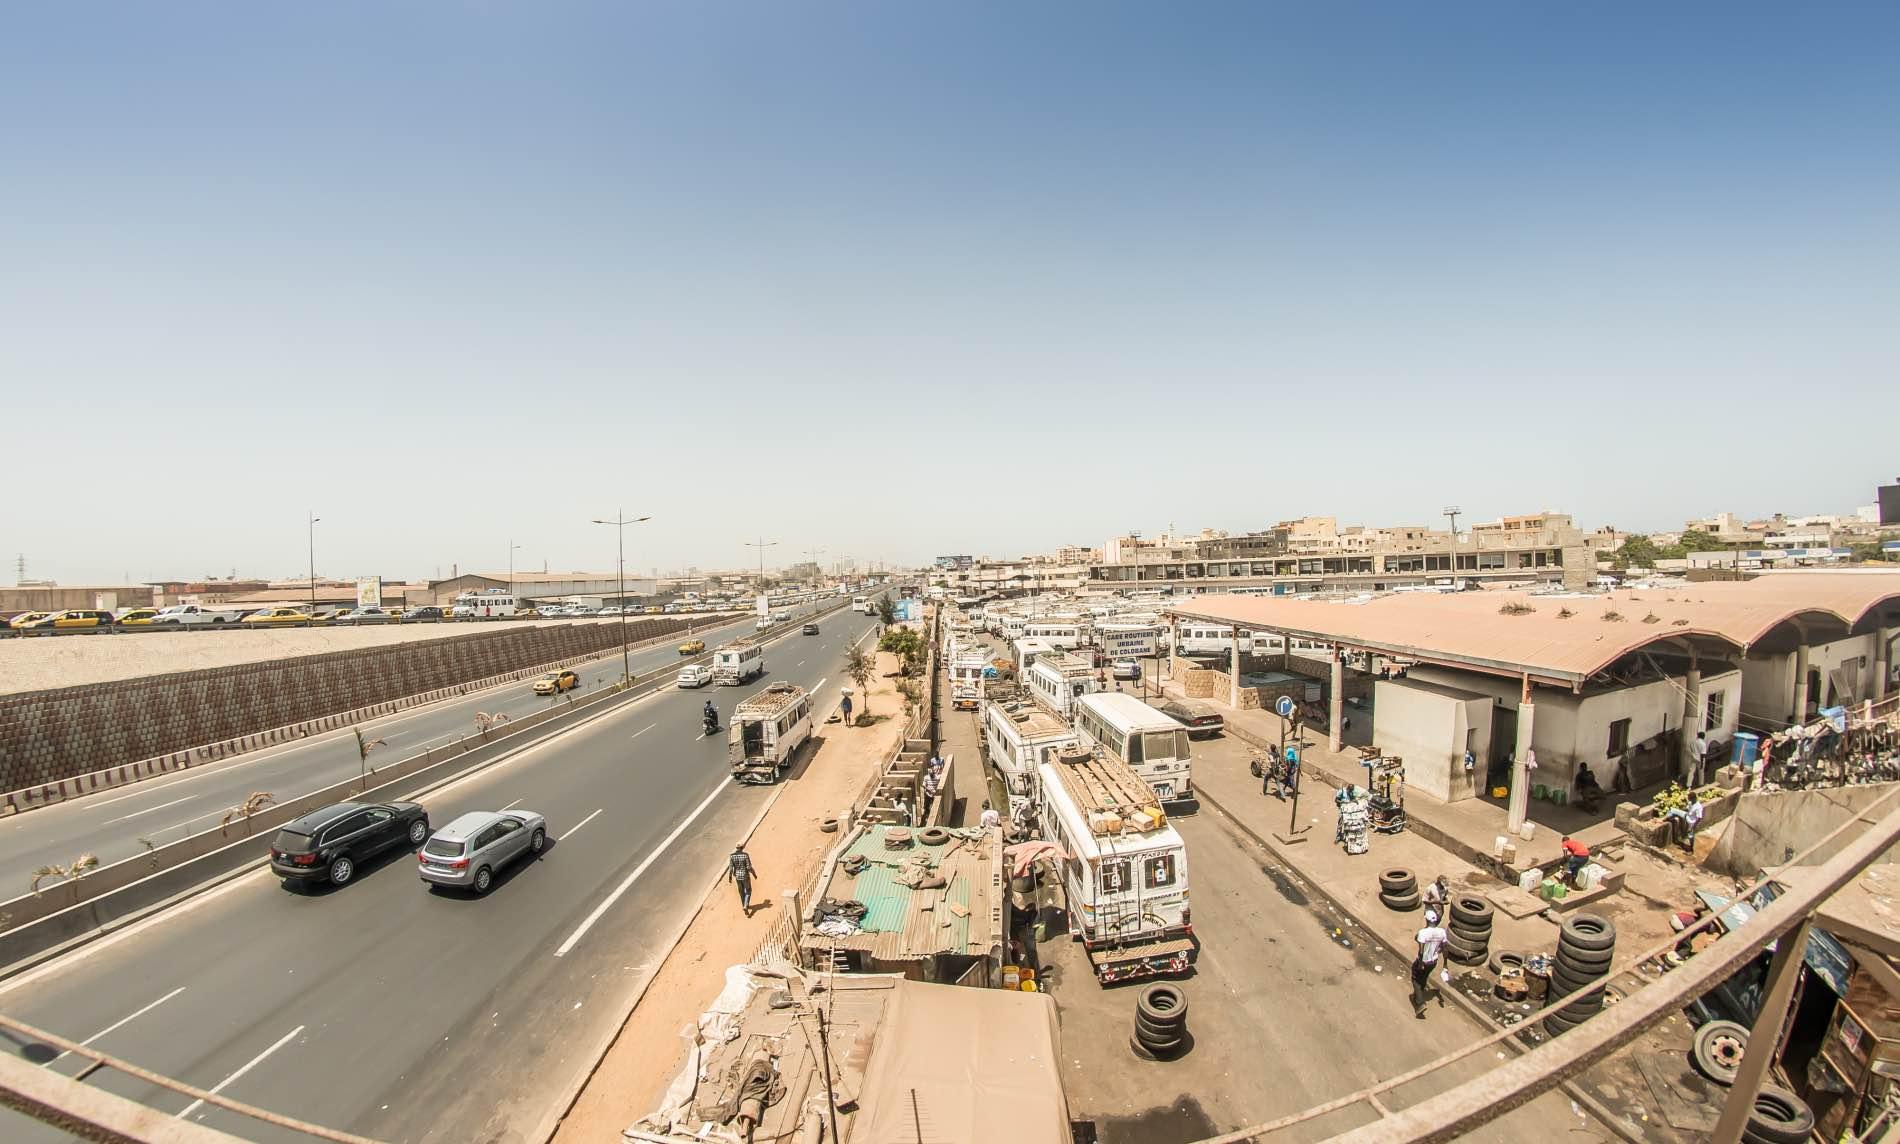 Dakar grimaldi ferry